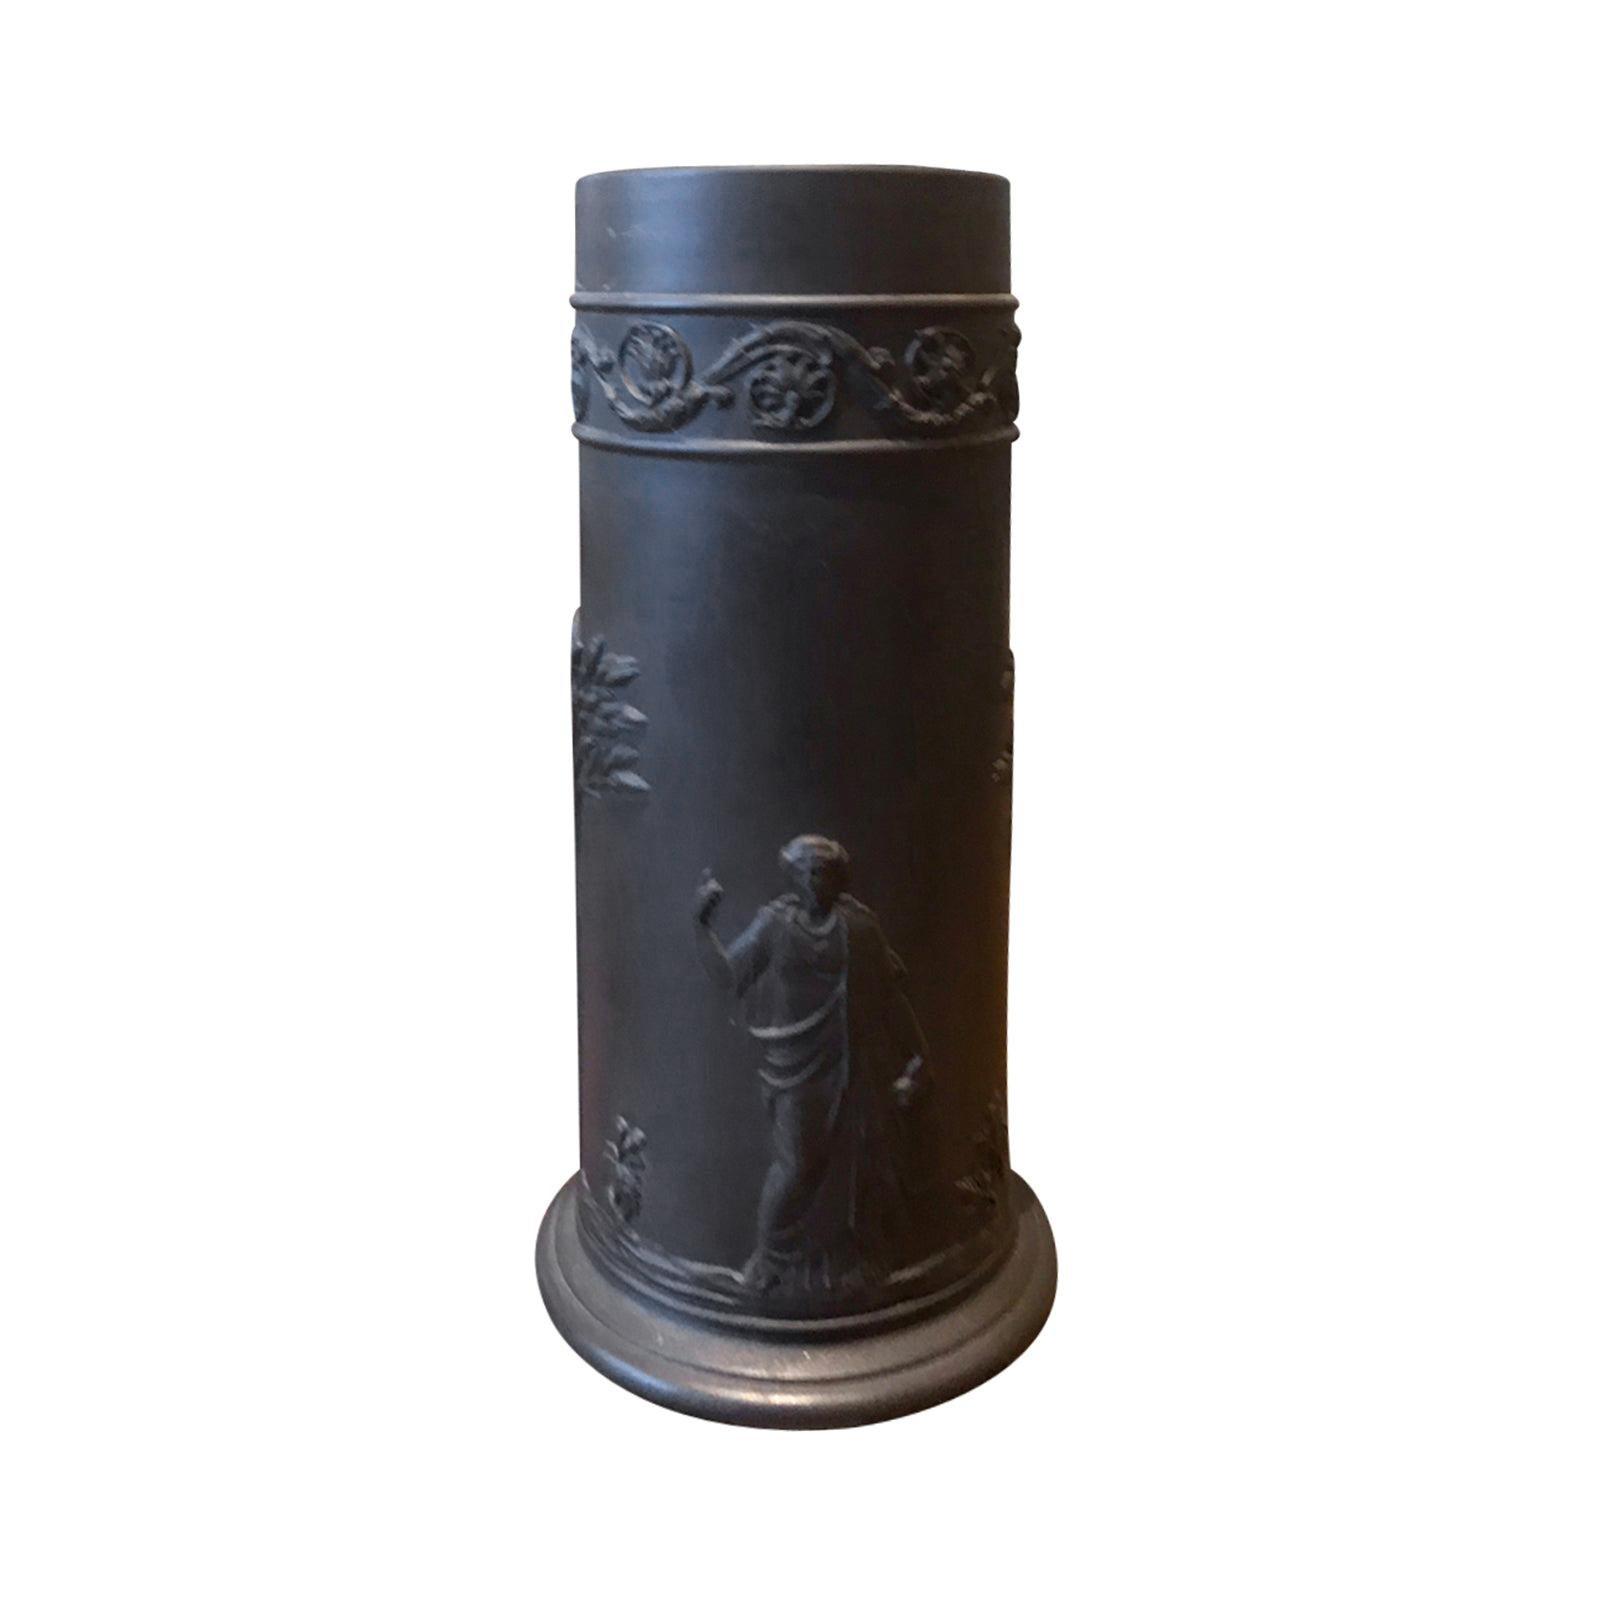 20th Century Small English Wedgwood Basalt Vase / Brush Pot, Marked